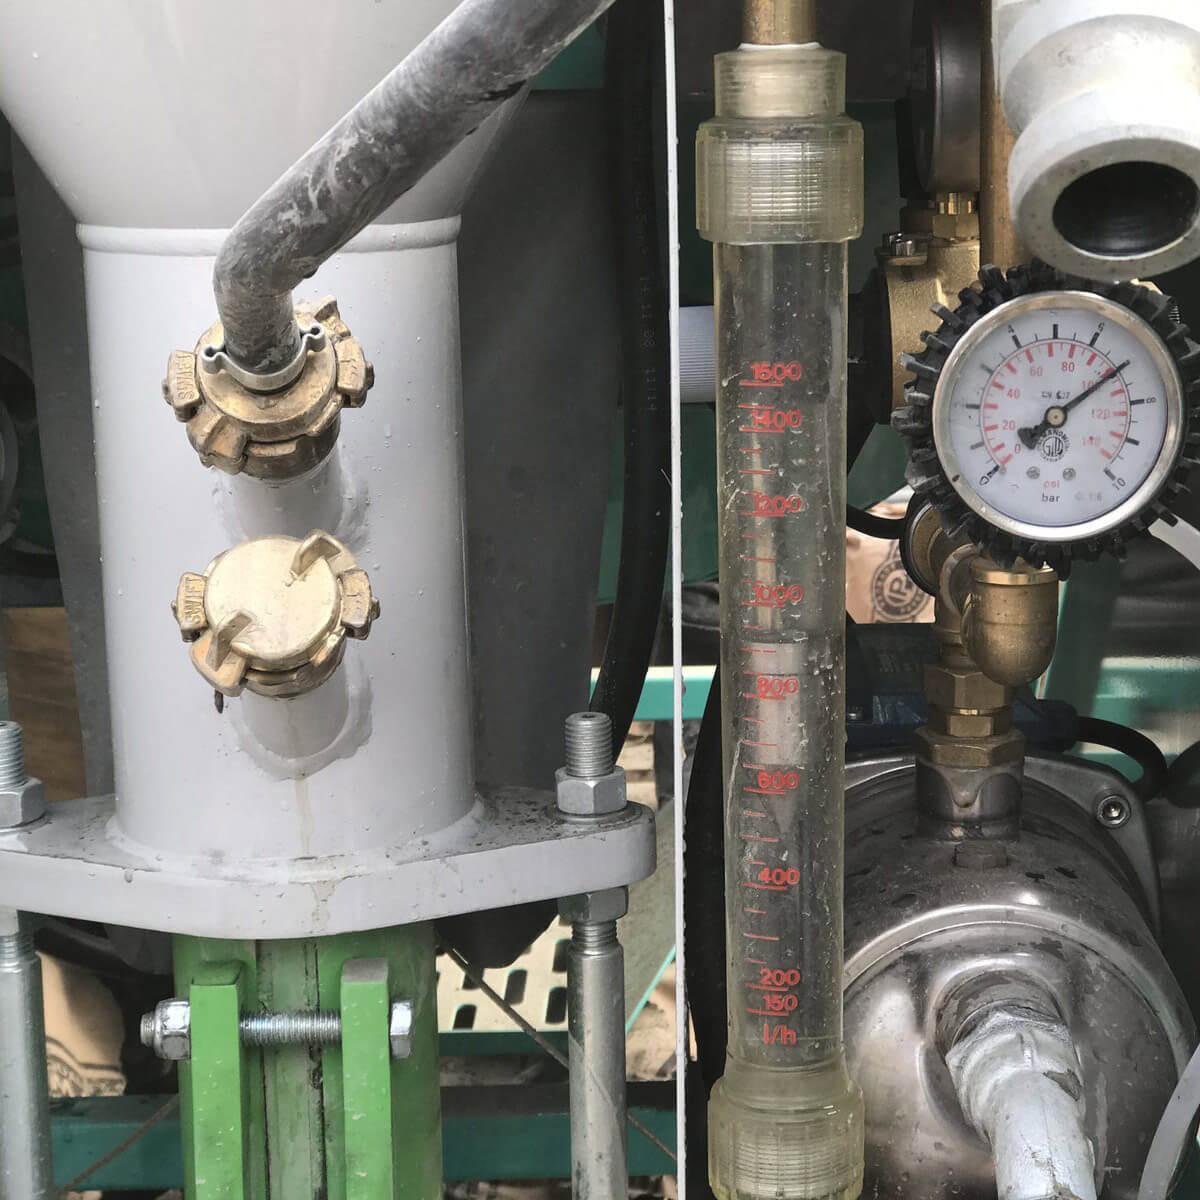 imer koine 35 Pump pressure gauge